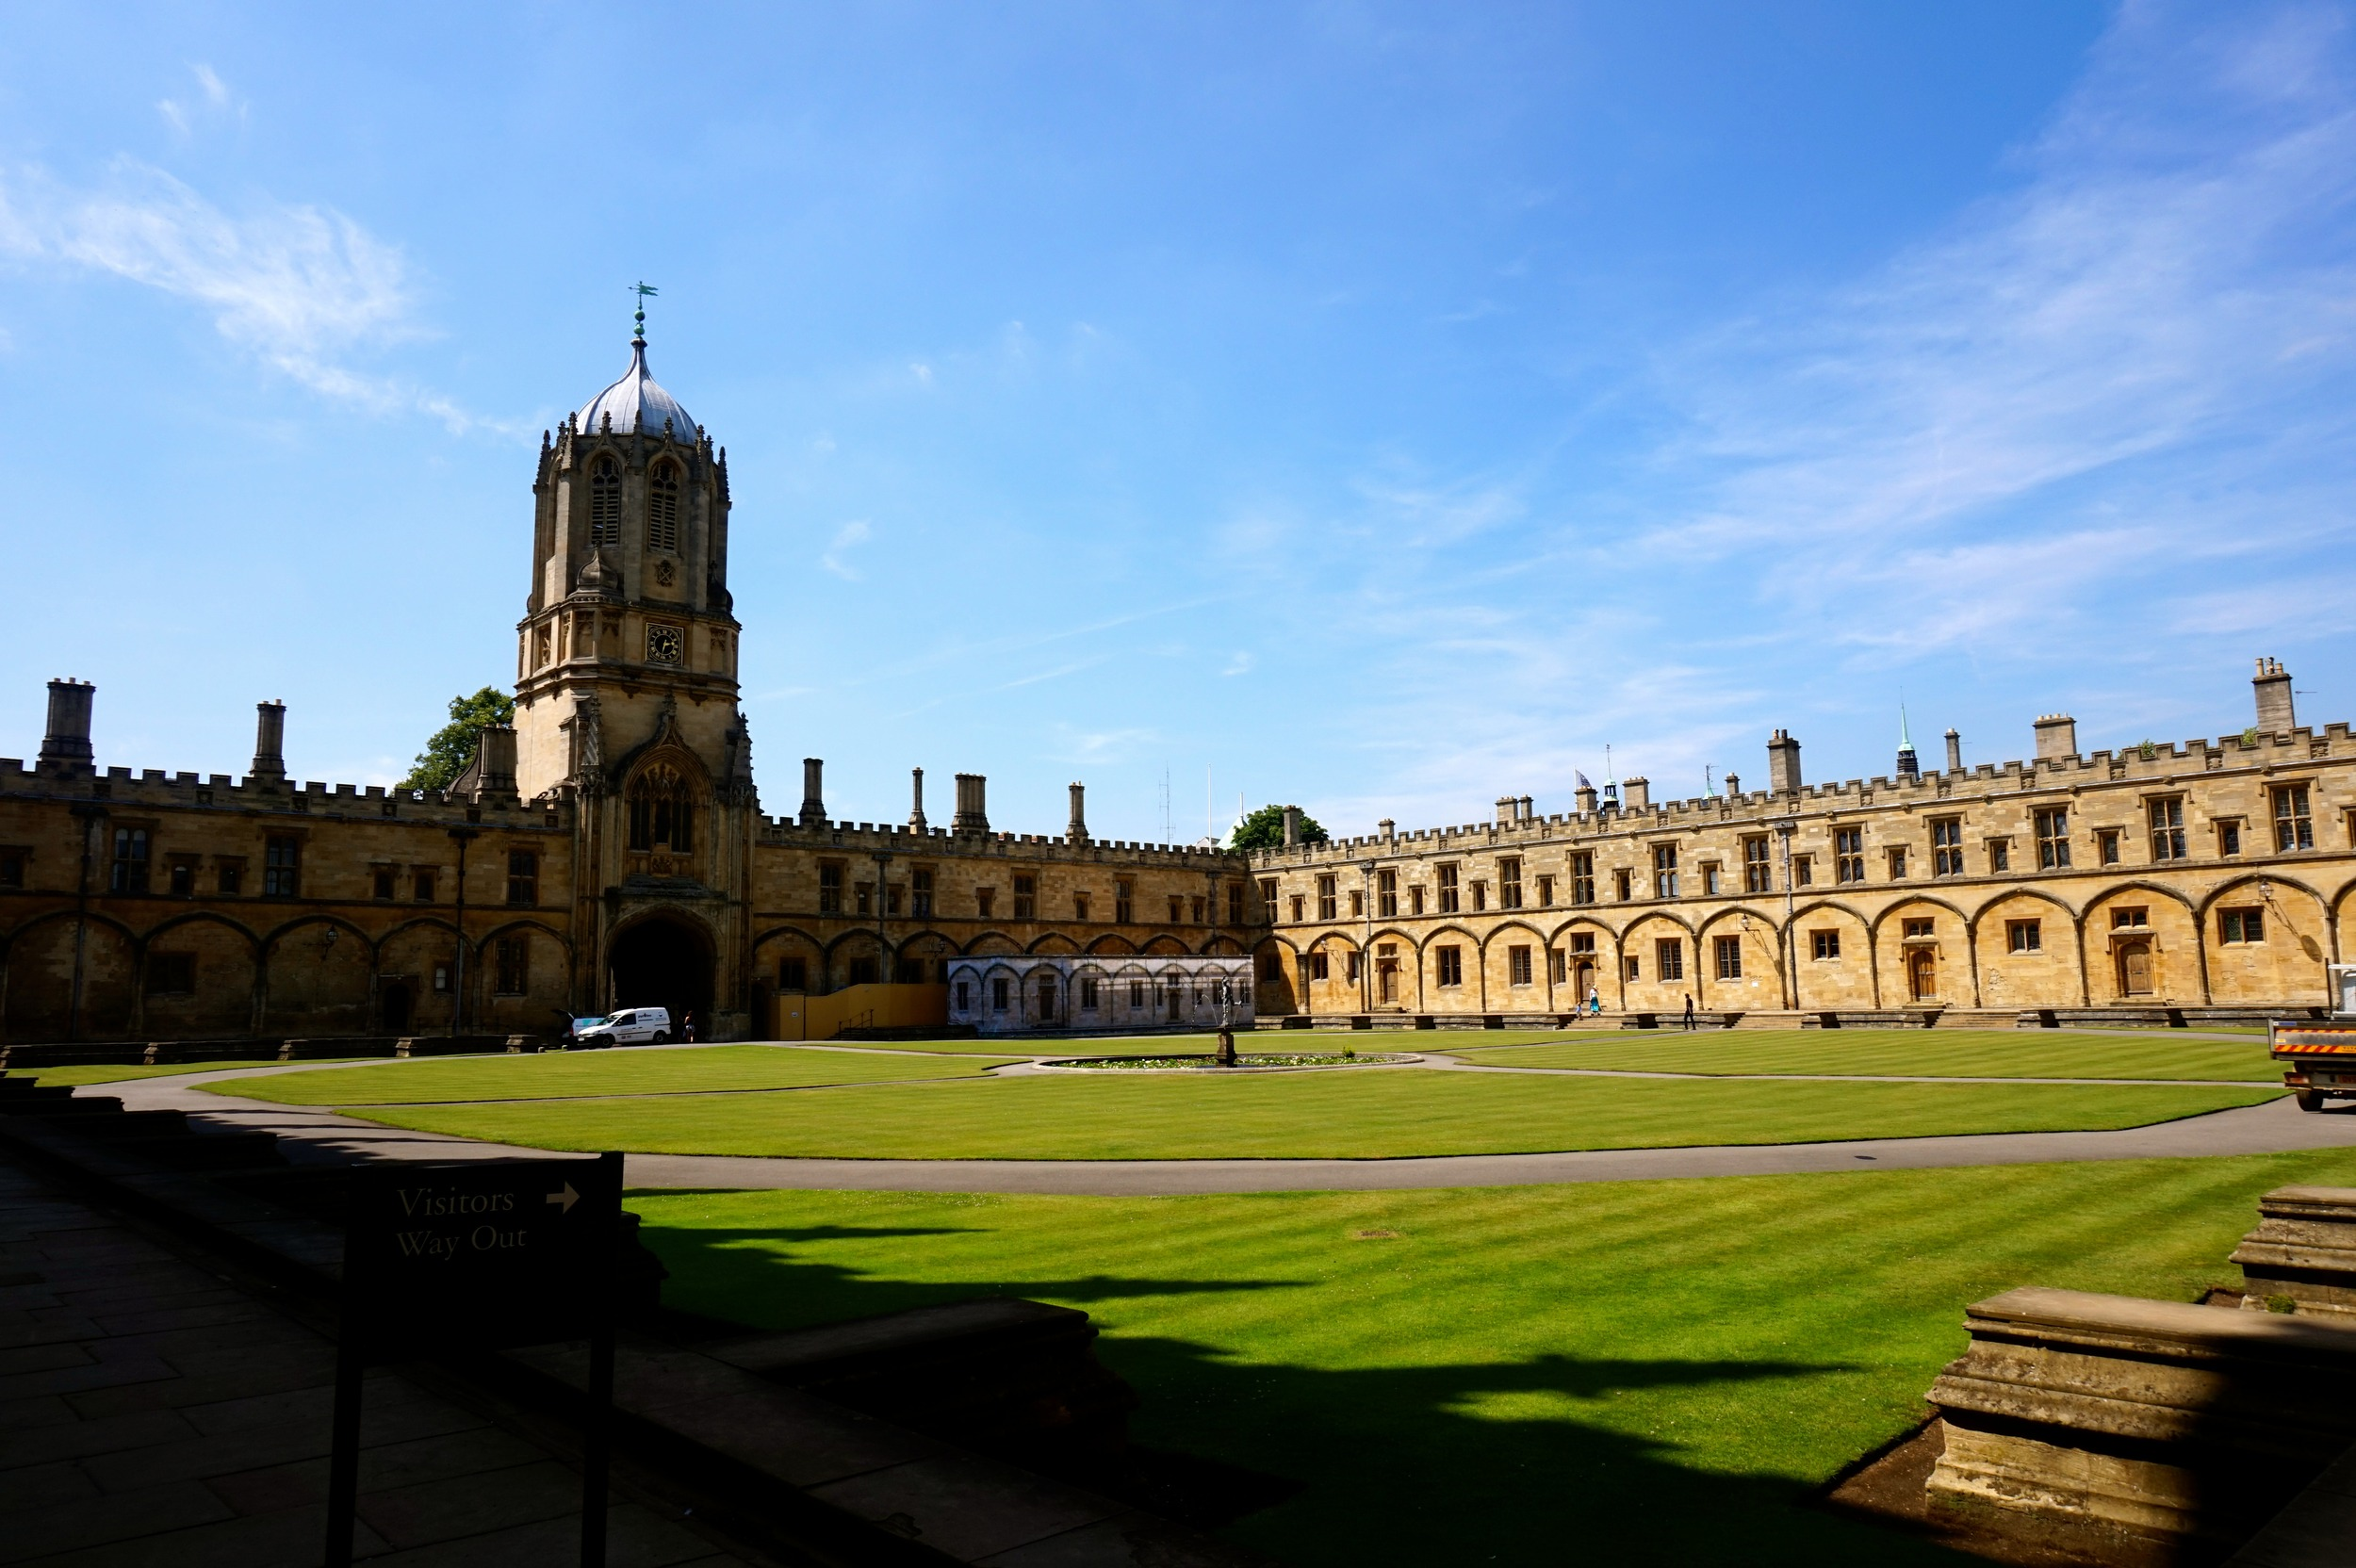 Universityofoxford.jpg